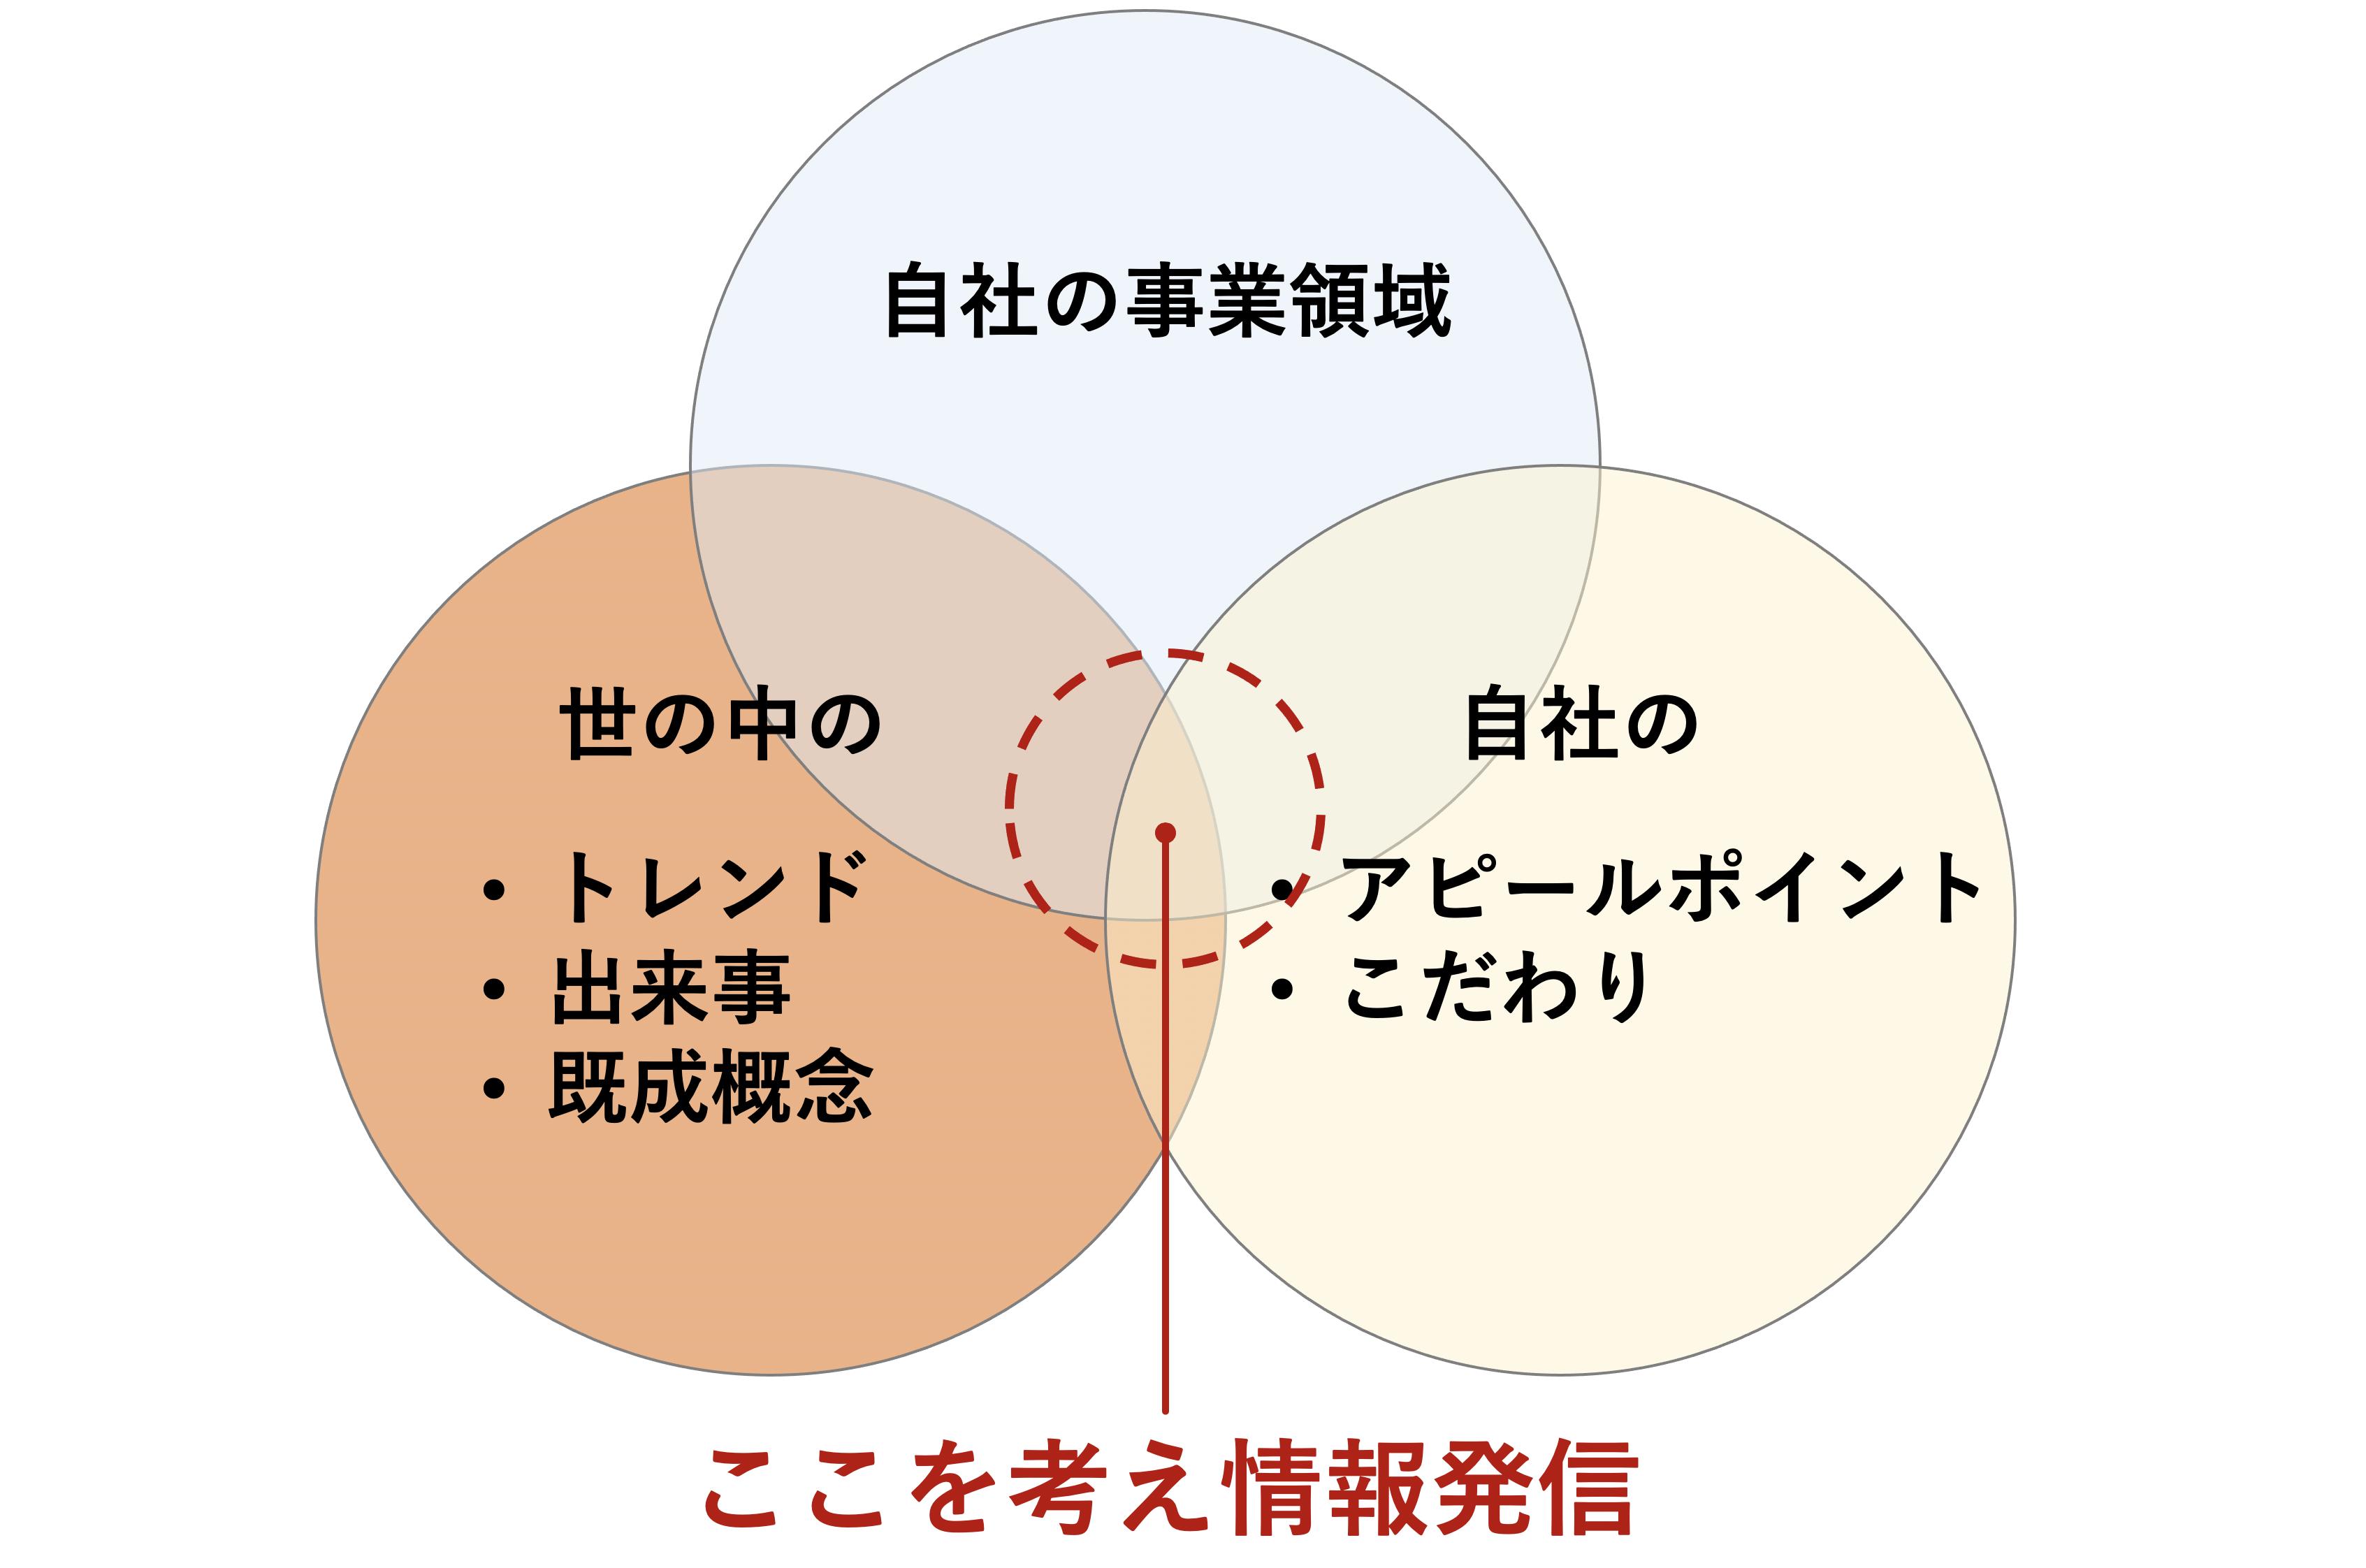 自社の事業領域でバズらせる体系図